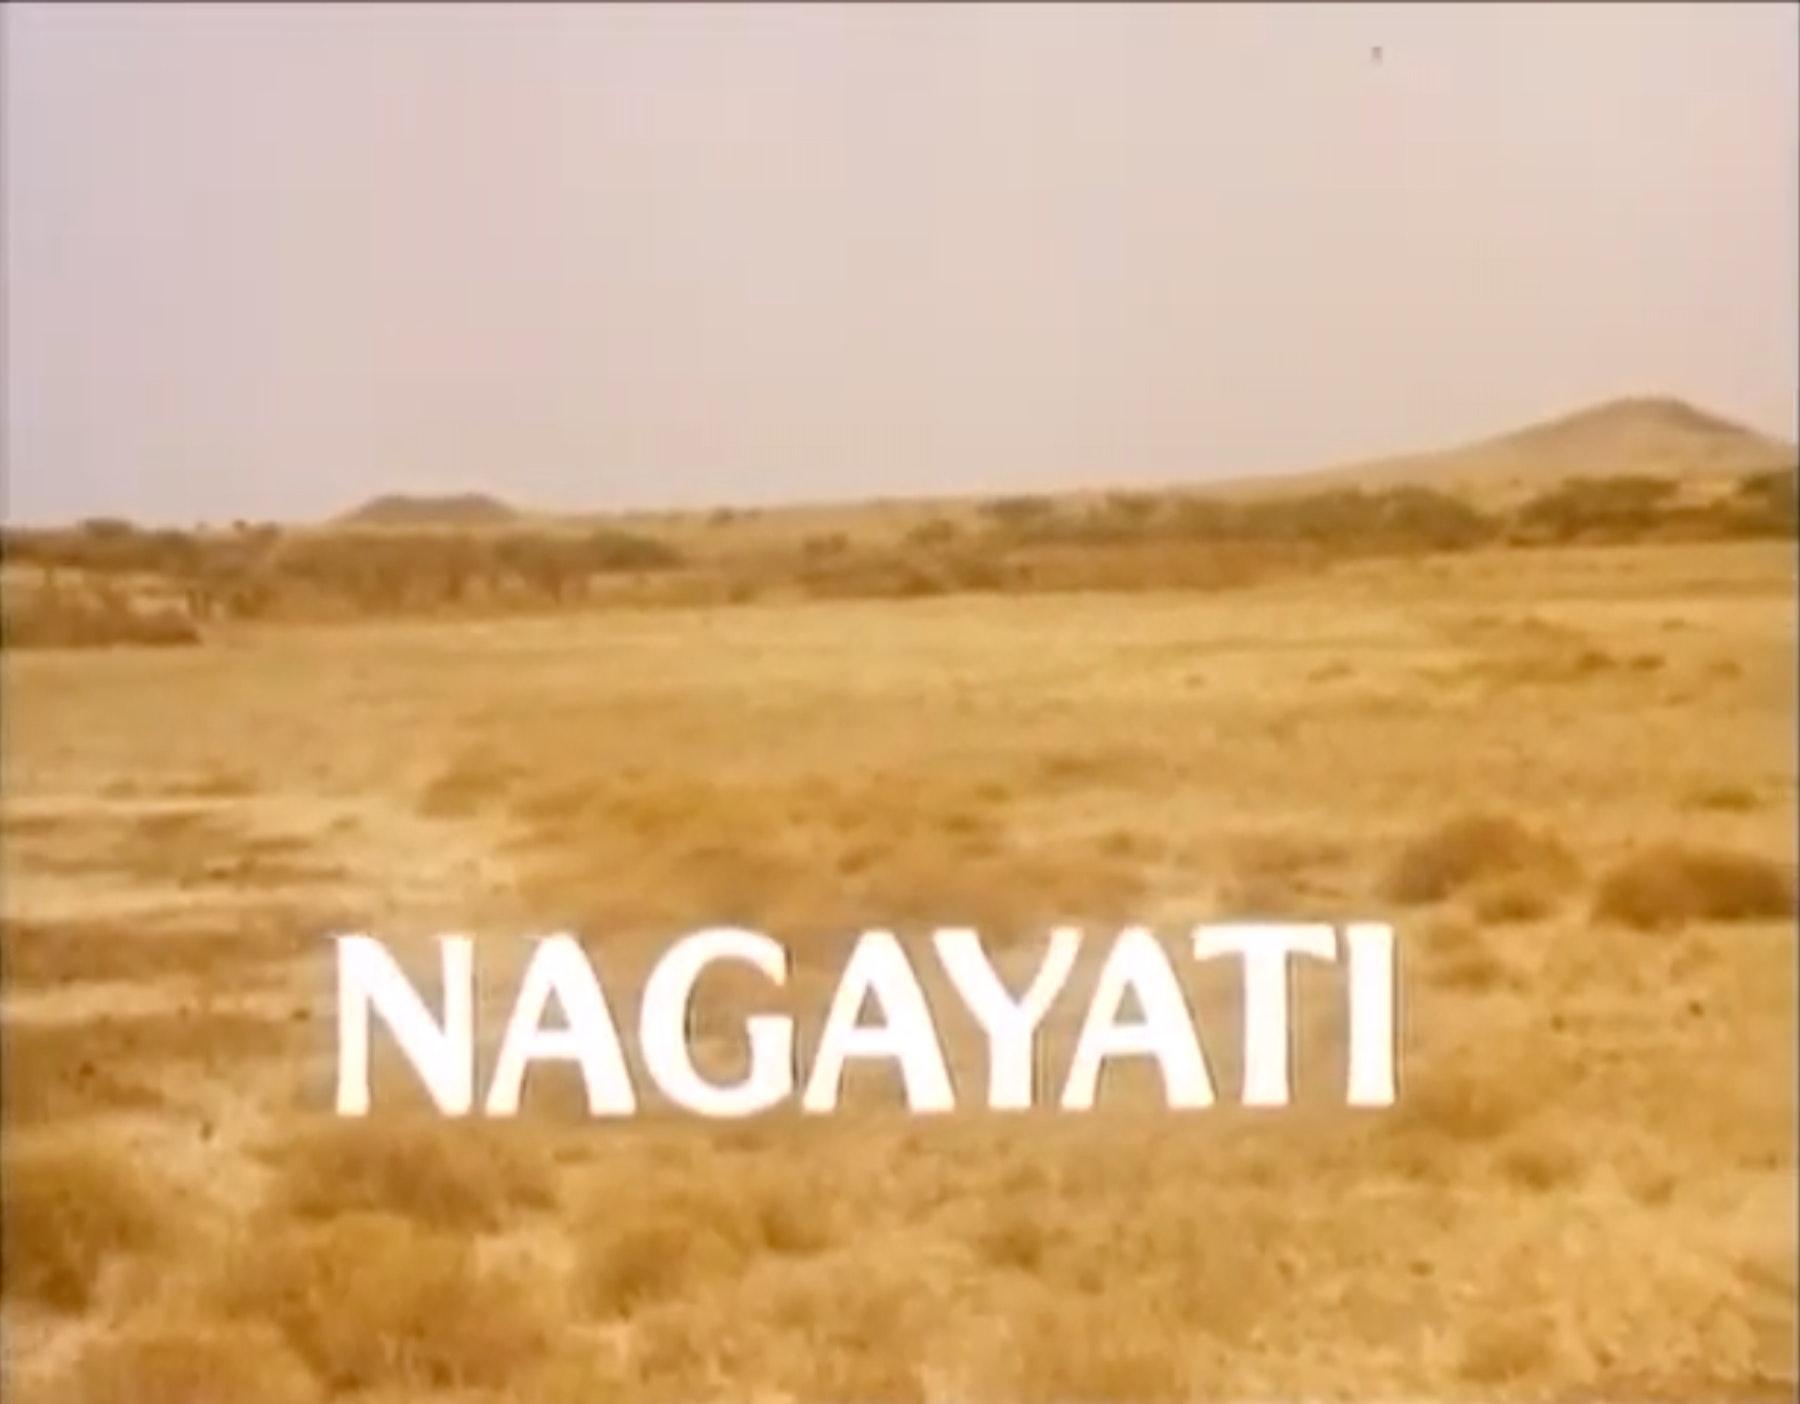 Stills from Nagayati